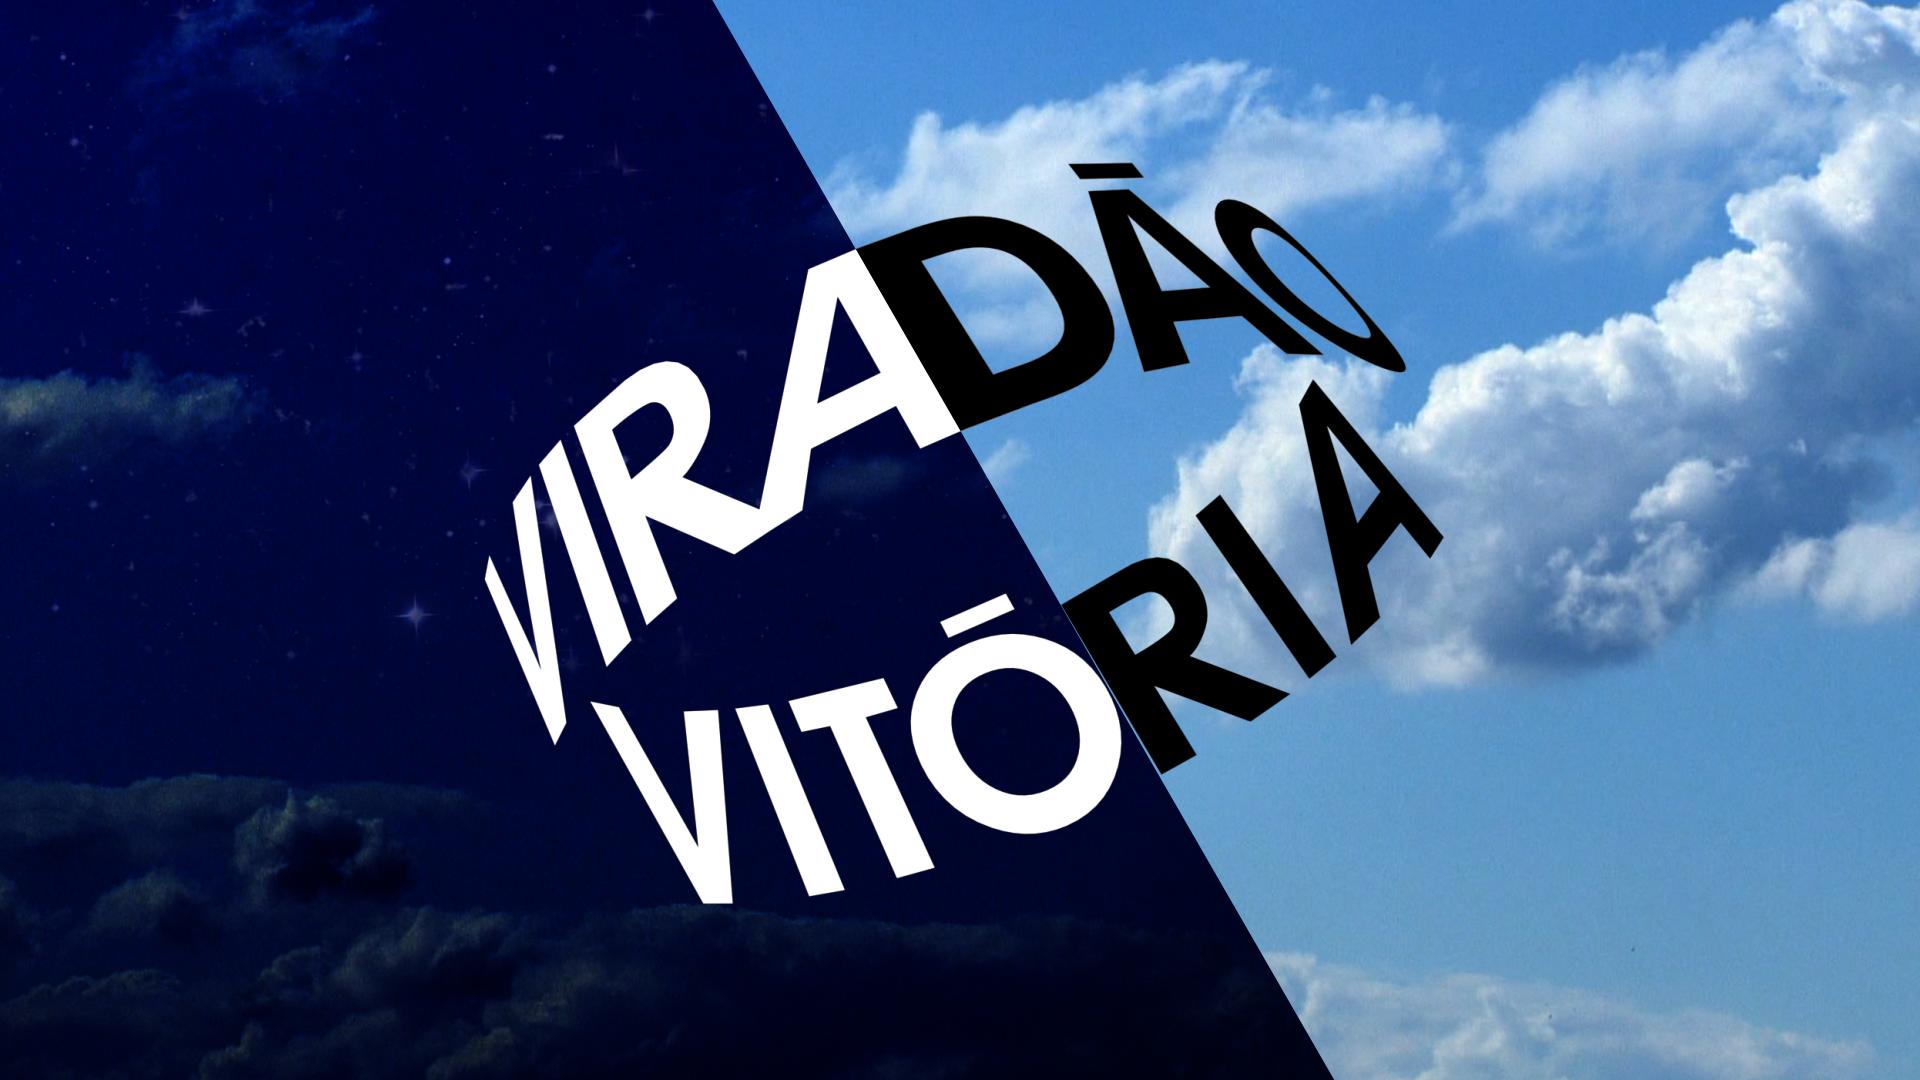 Viradão Vitória 2014 (Foto: Divulgação)